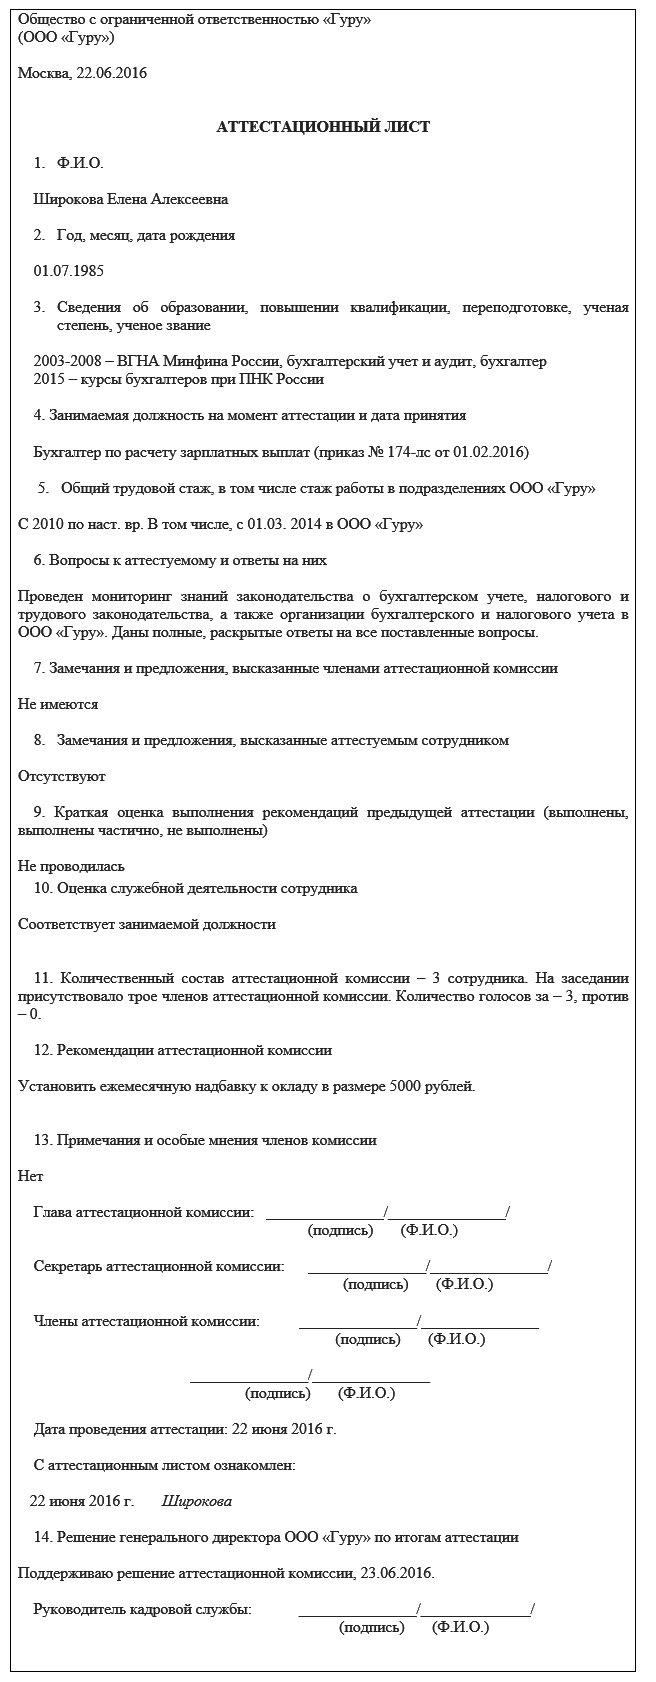 правила оформления аттестационного листа